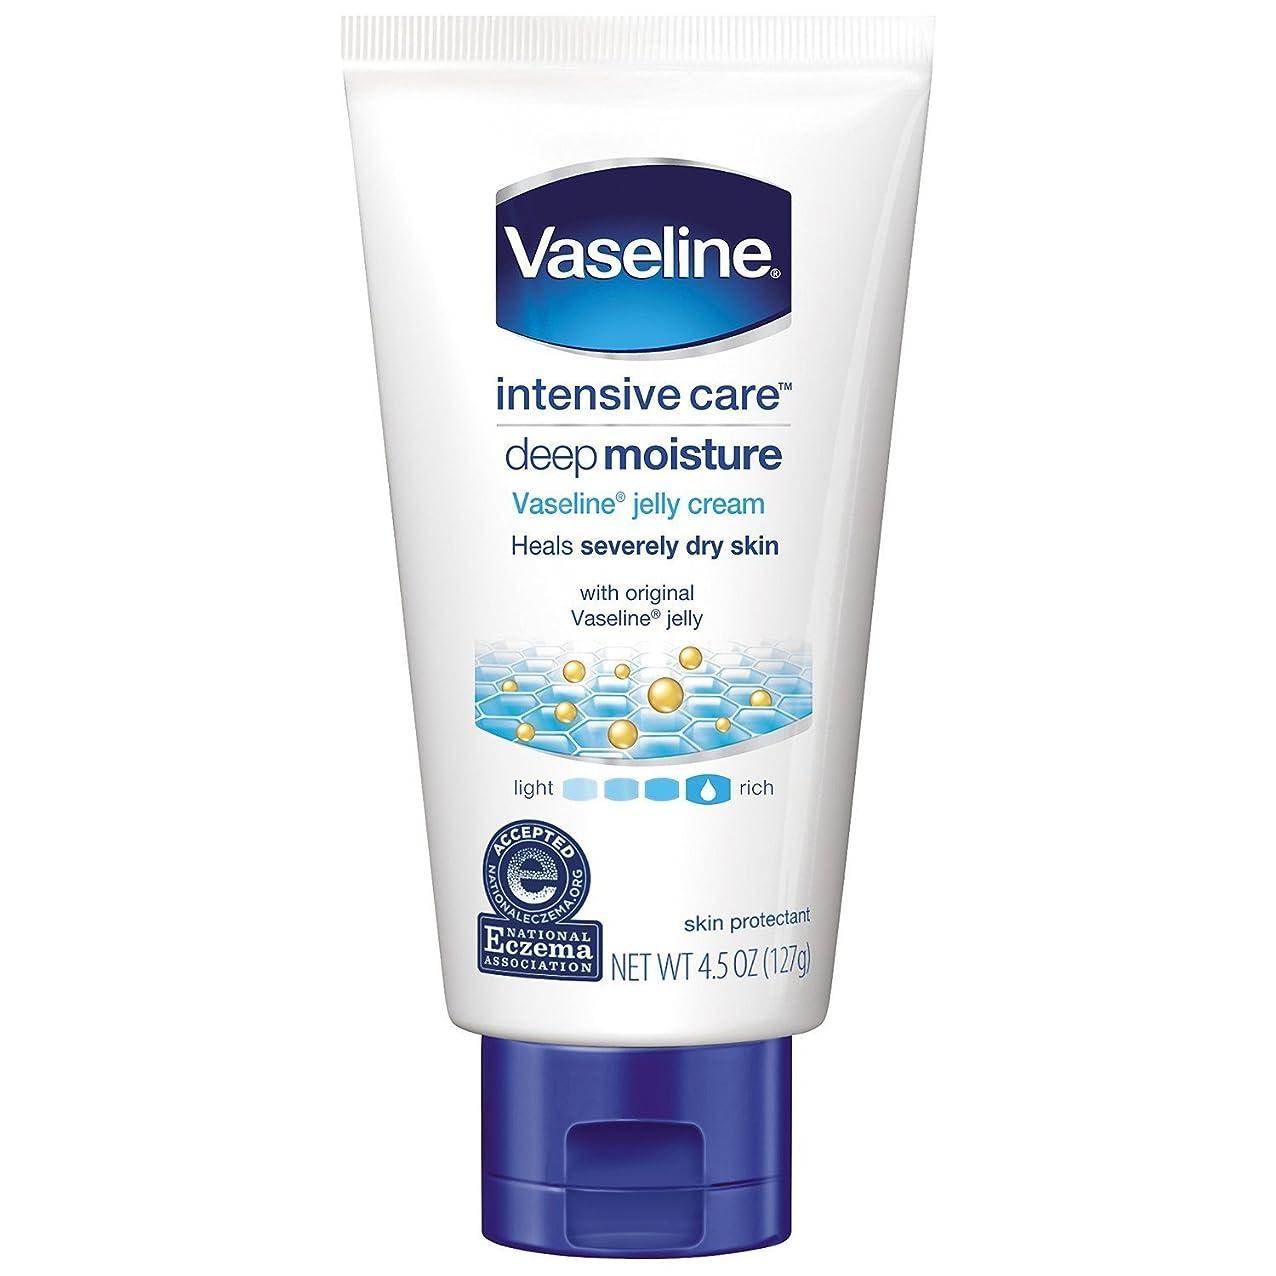 エンドテーブルリル主導権Vaseline intensive care deep moisture jelly cream 4.5oz(127g) ヴァセリン インテンシブケア ディープ モイスチュア ジェリークリーム